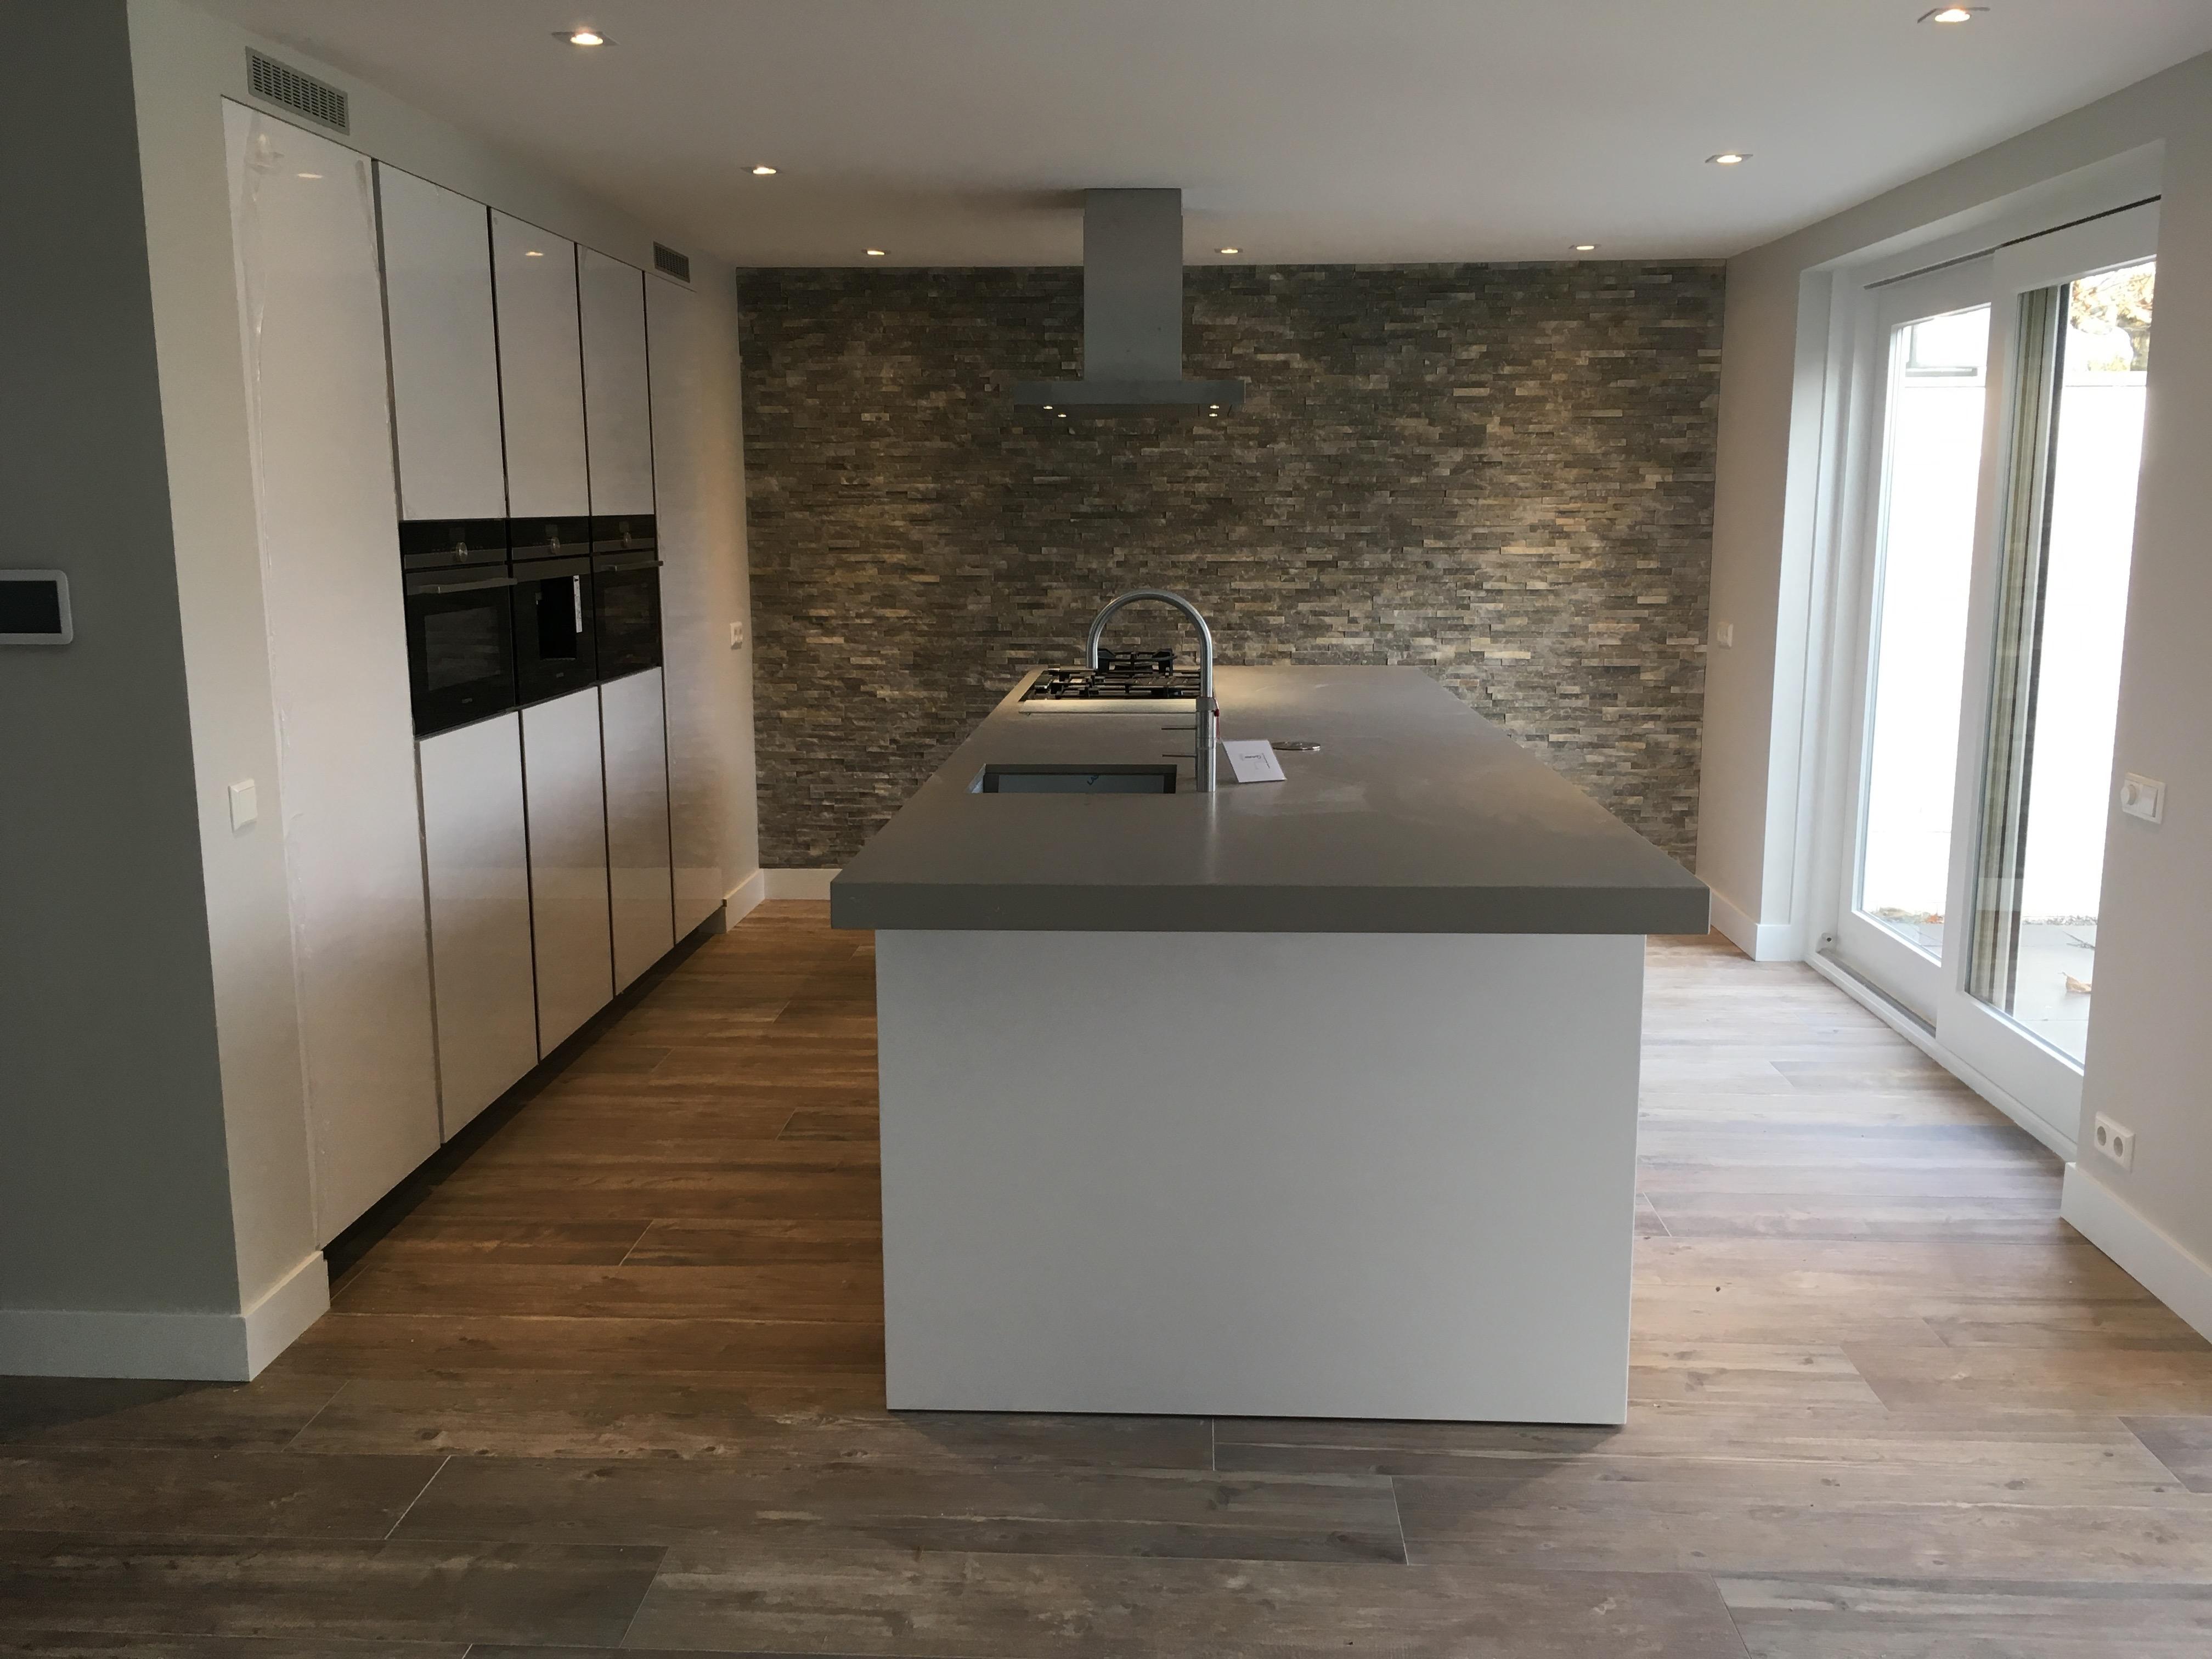 Renovatie Van Keukens : Keuken renoveren ar montage montage en installatiebedrijf